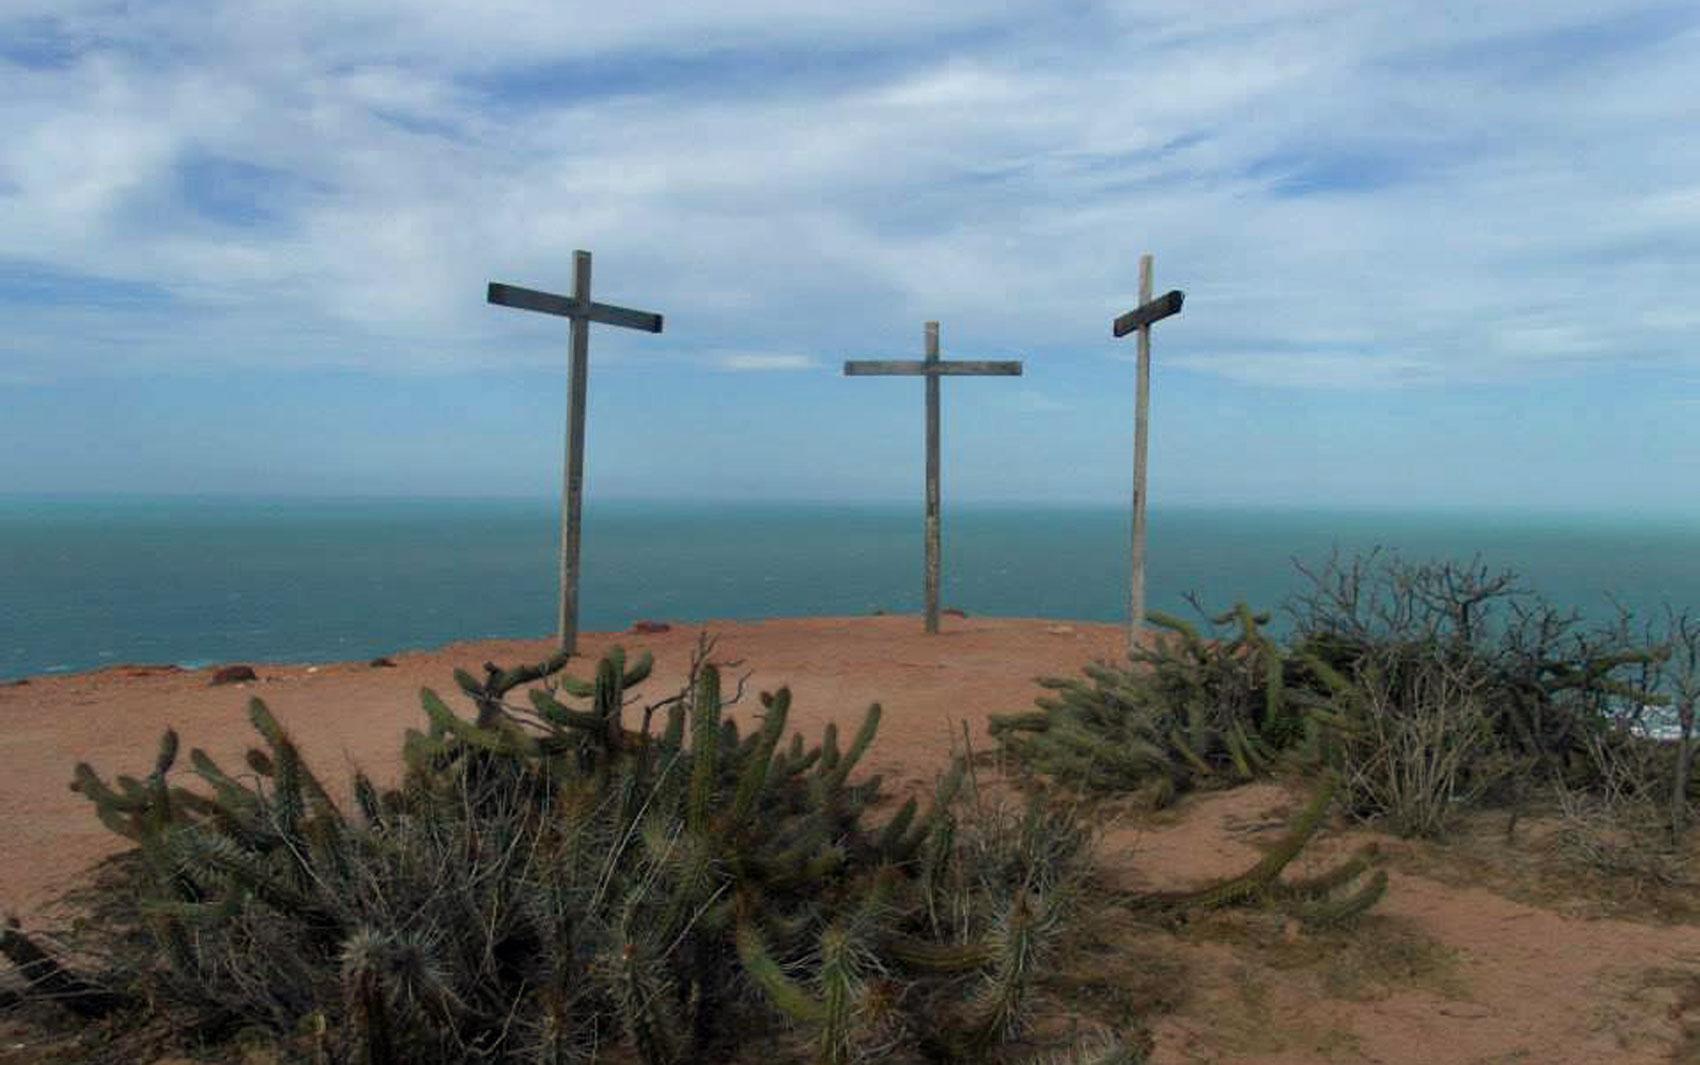 Praia de Ponta do Mel, em Areia Branca, RN. Cruzes foram usadas na gravação do filme 'Maria, Mãe do Filho de Deus', e se tornaram um ponto turístico